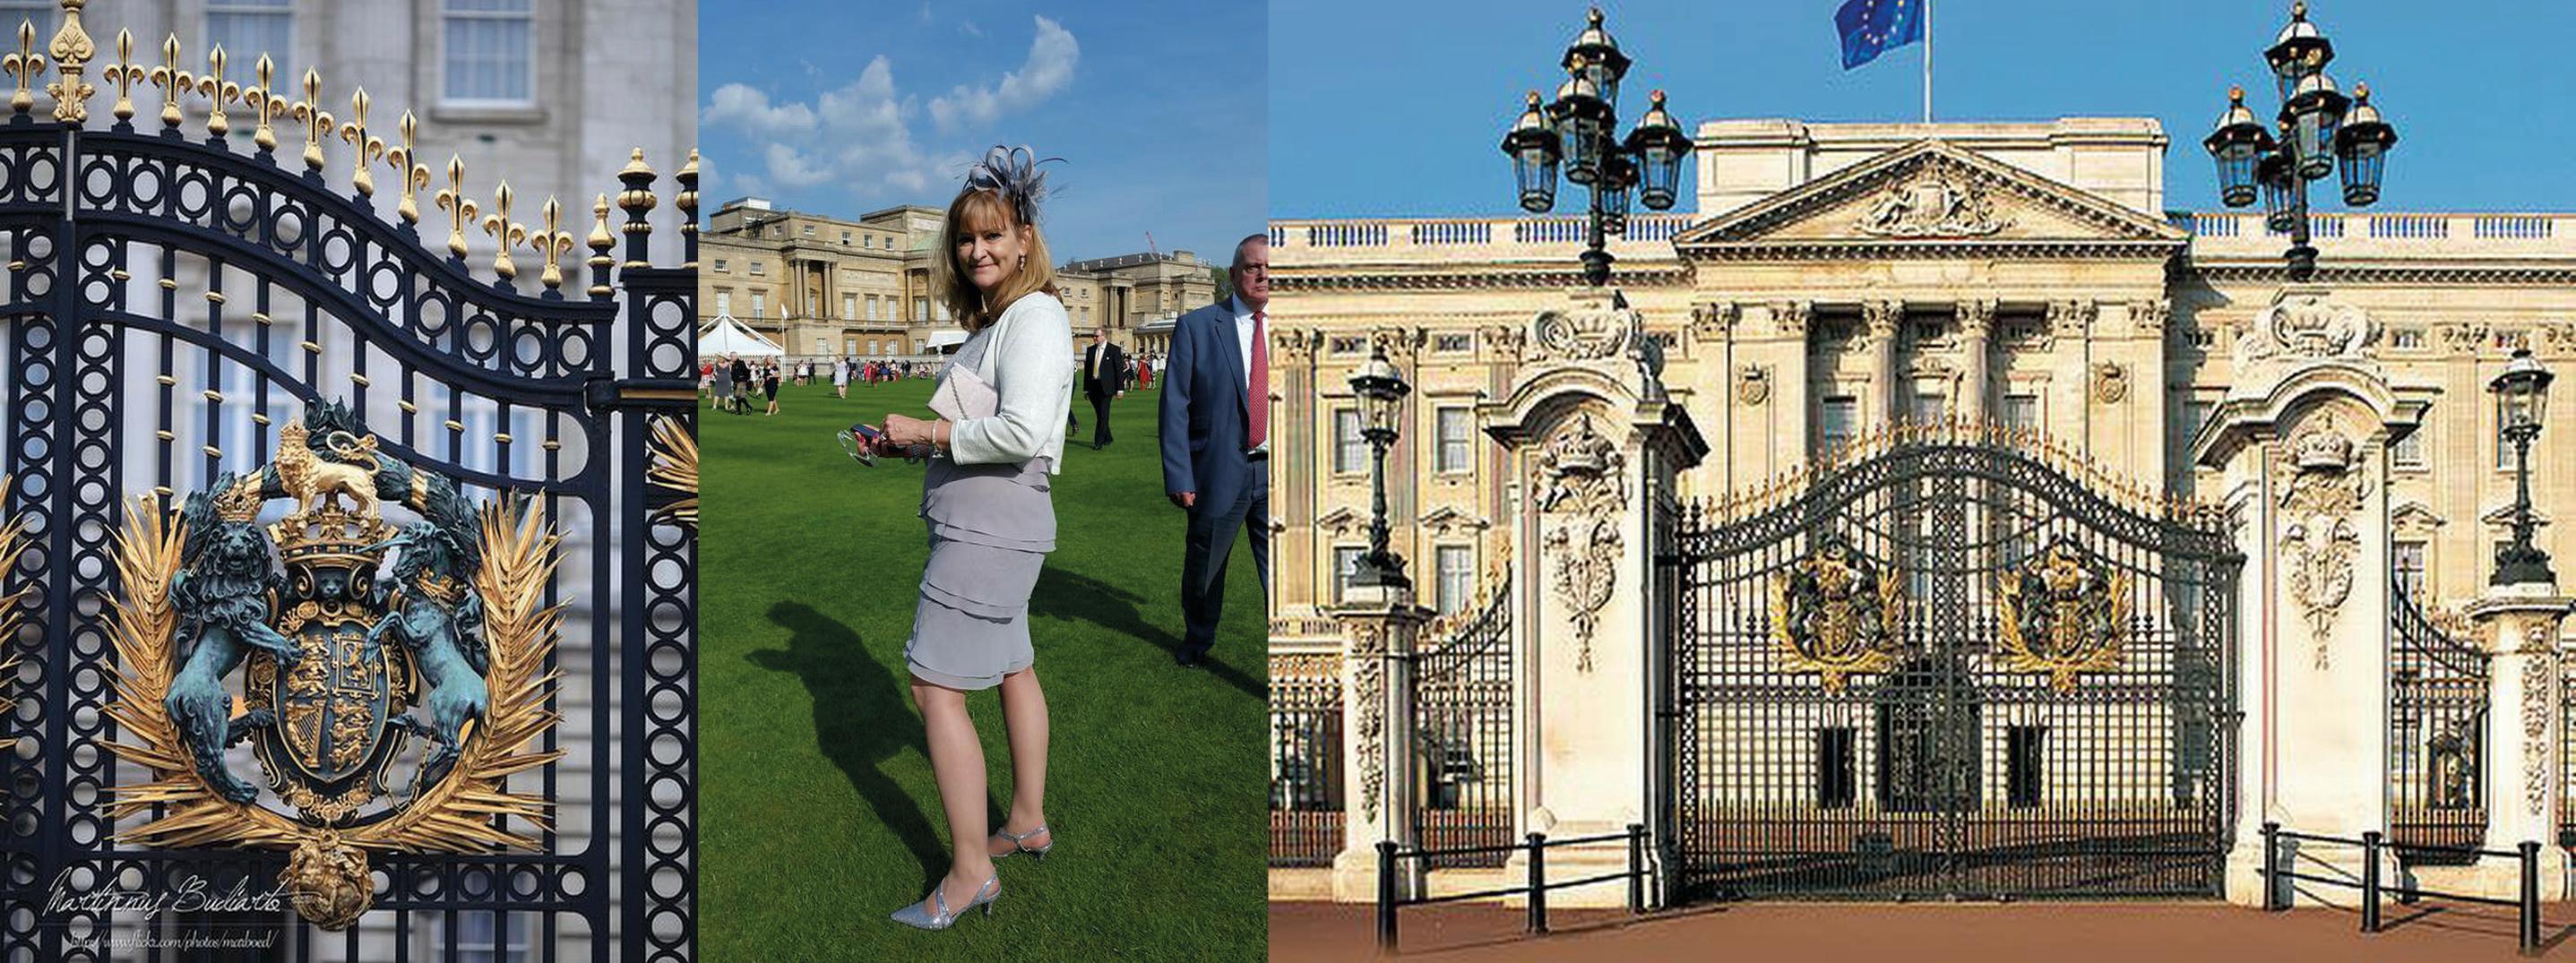 Buckingham Palace 2016